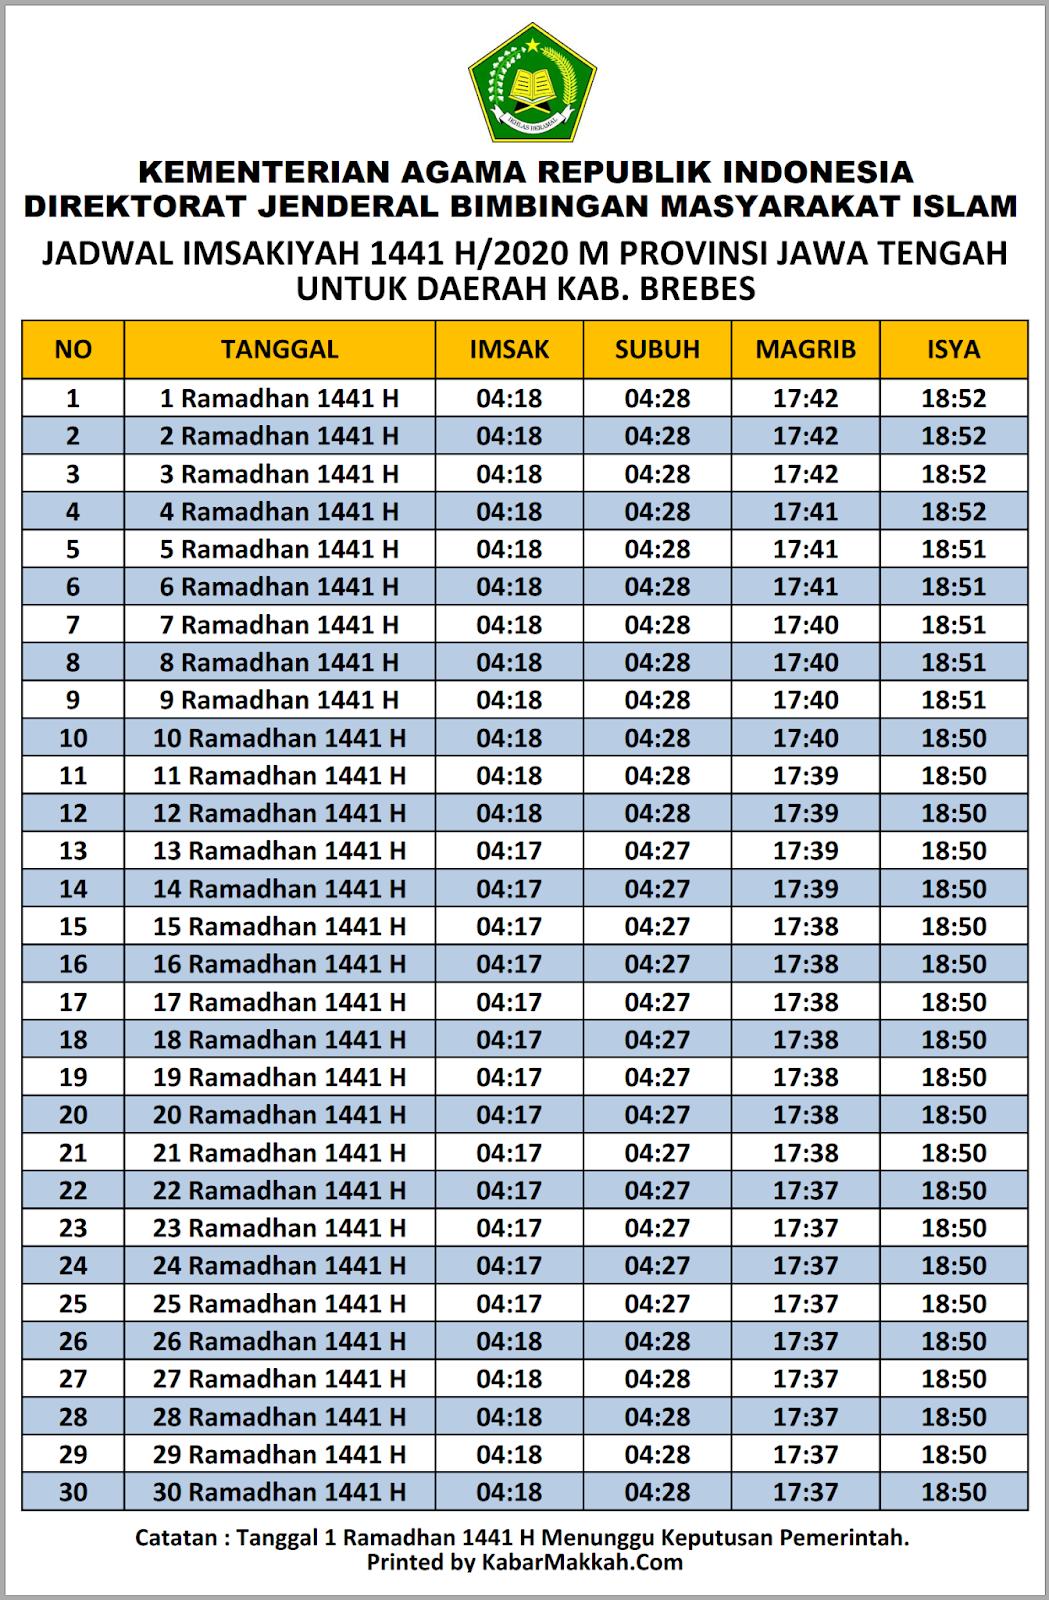 Jadwal Imsakiyah Brebes 2020 / 1441 H